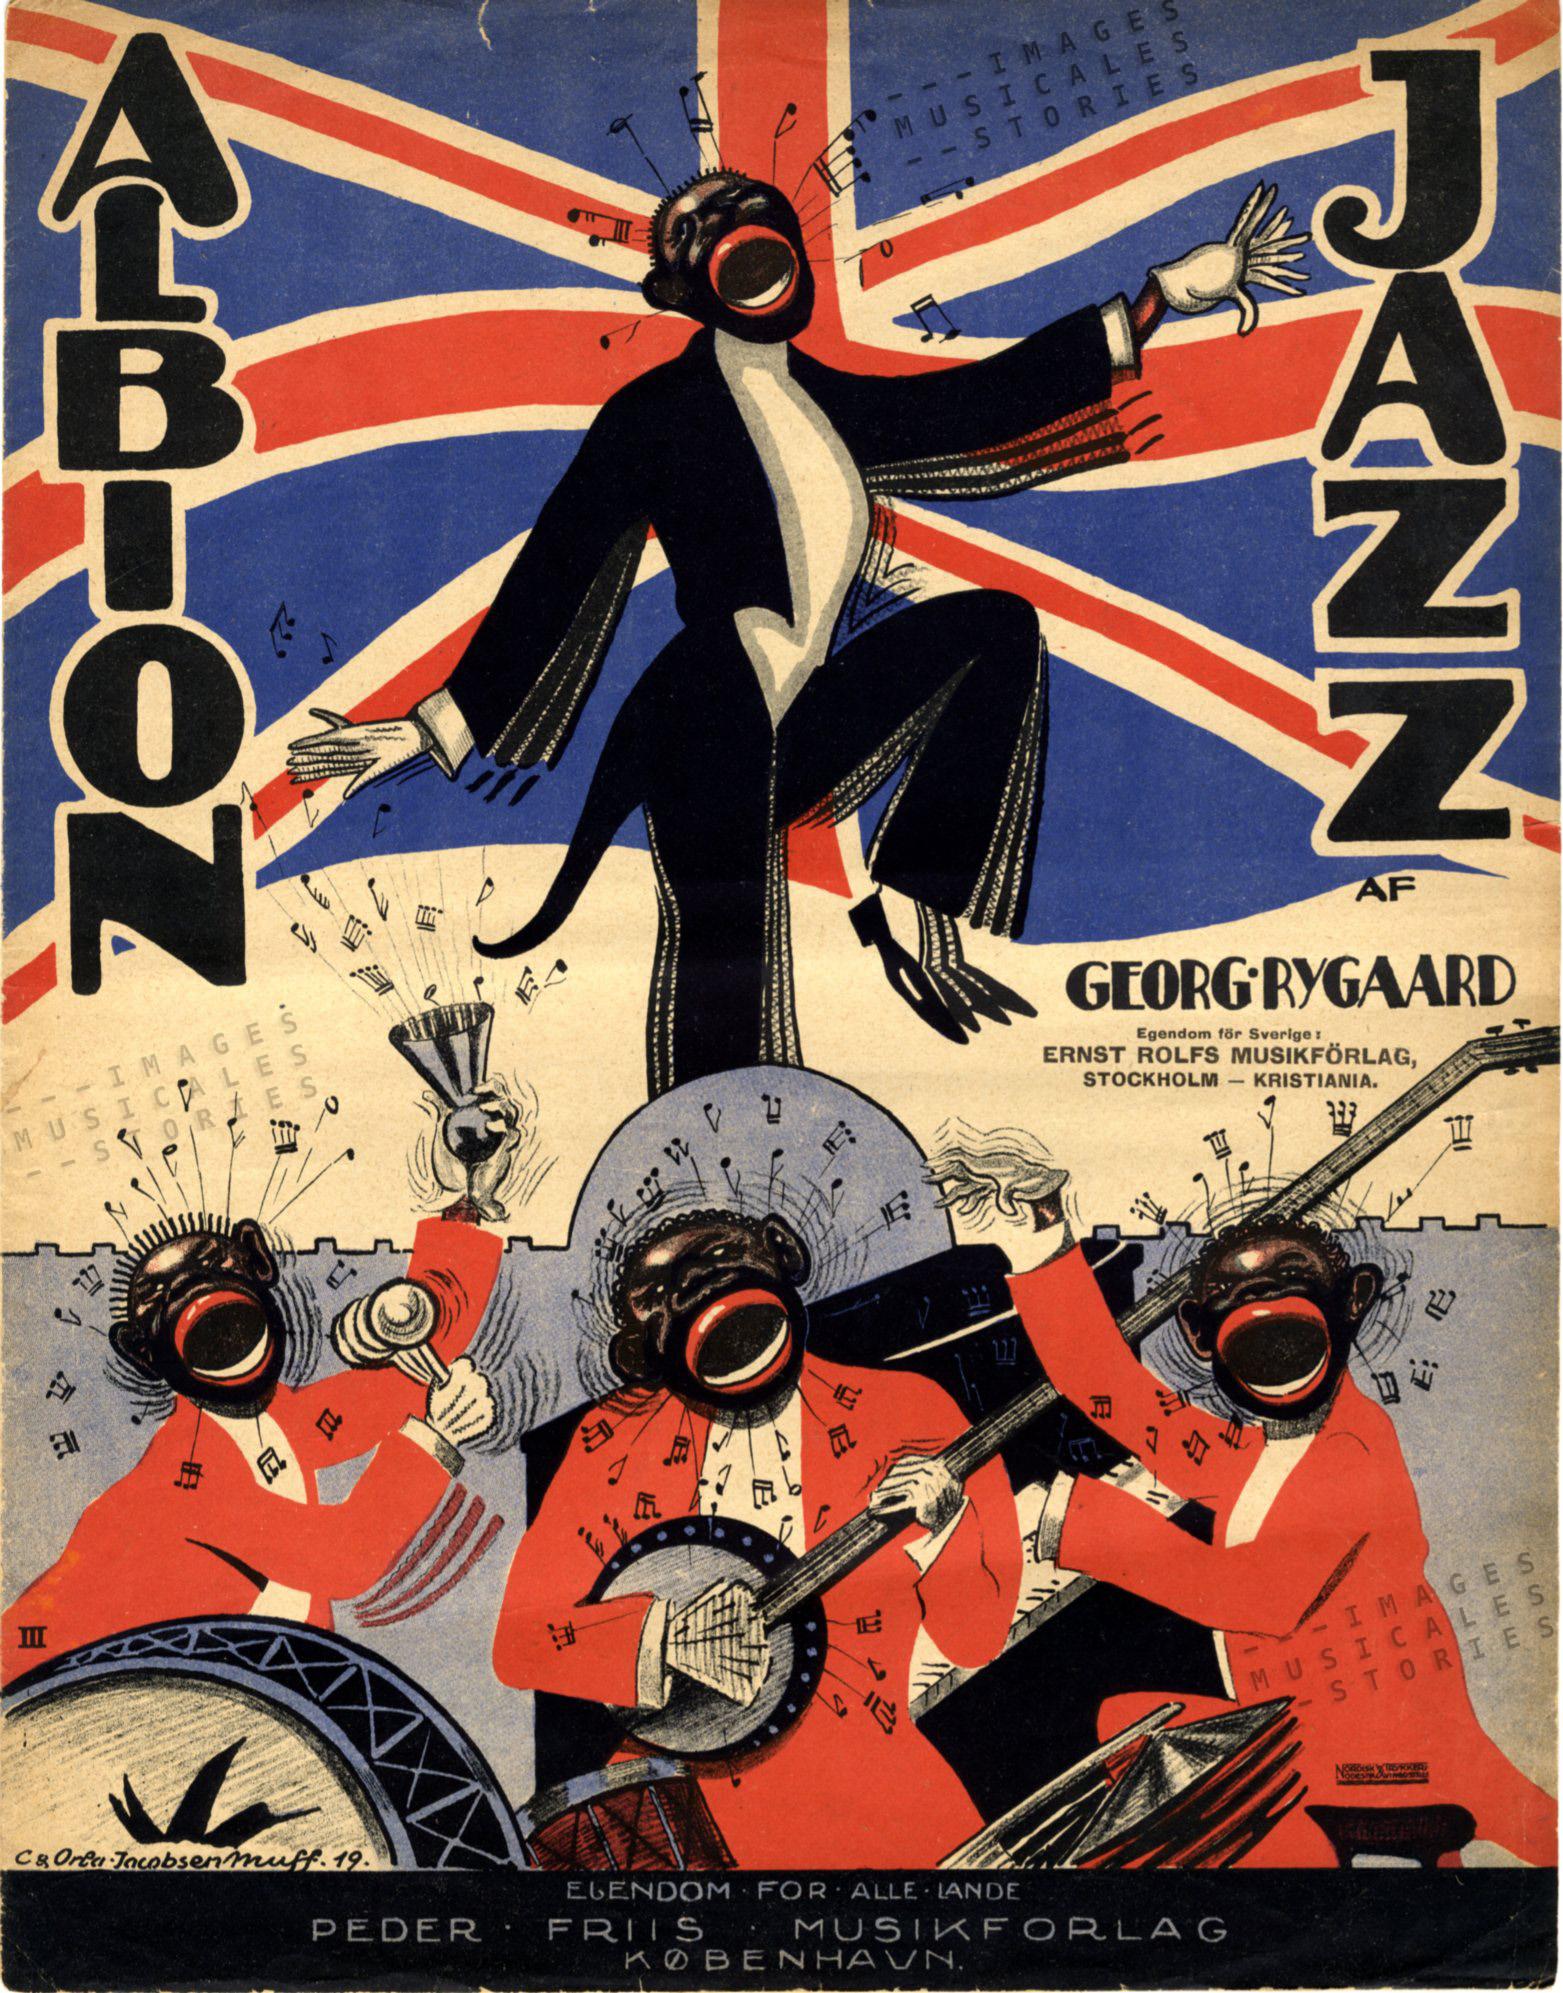 'Albion Jazz'